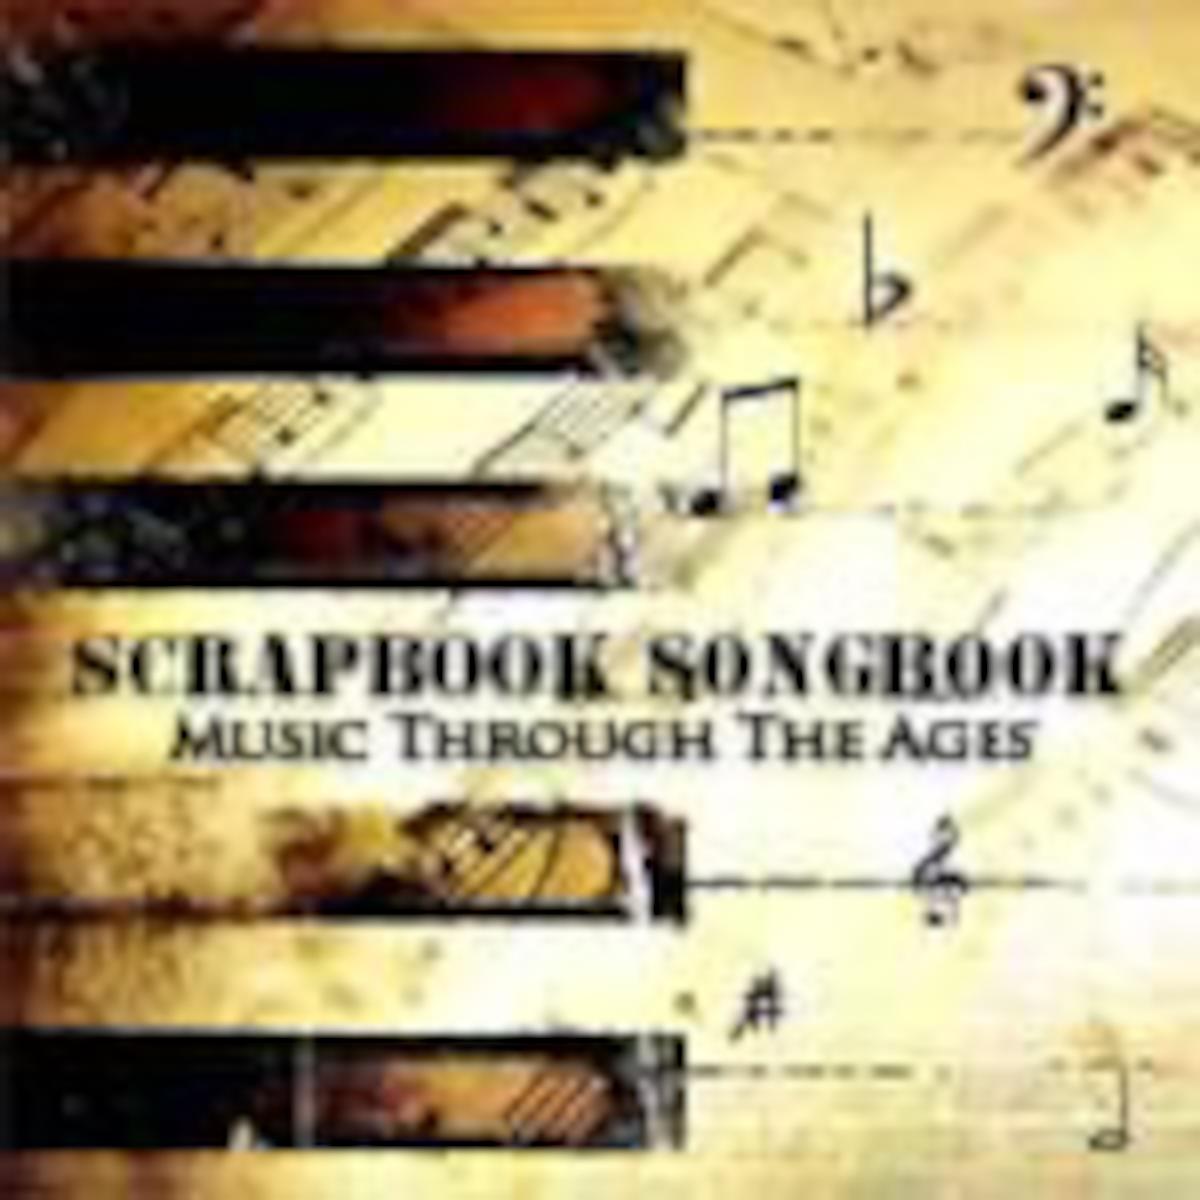 Scrapbook Songbook